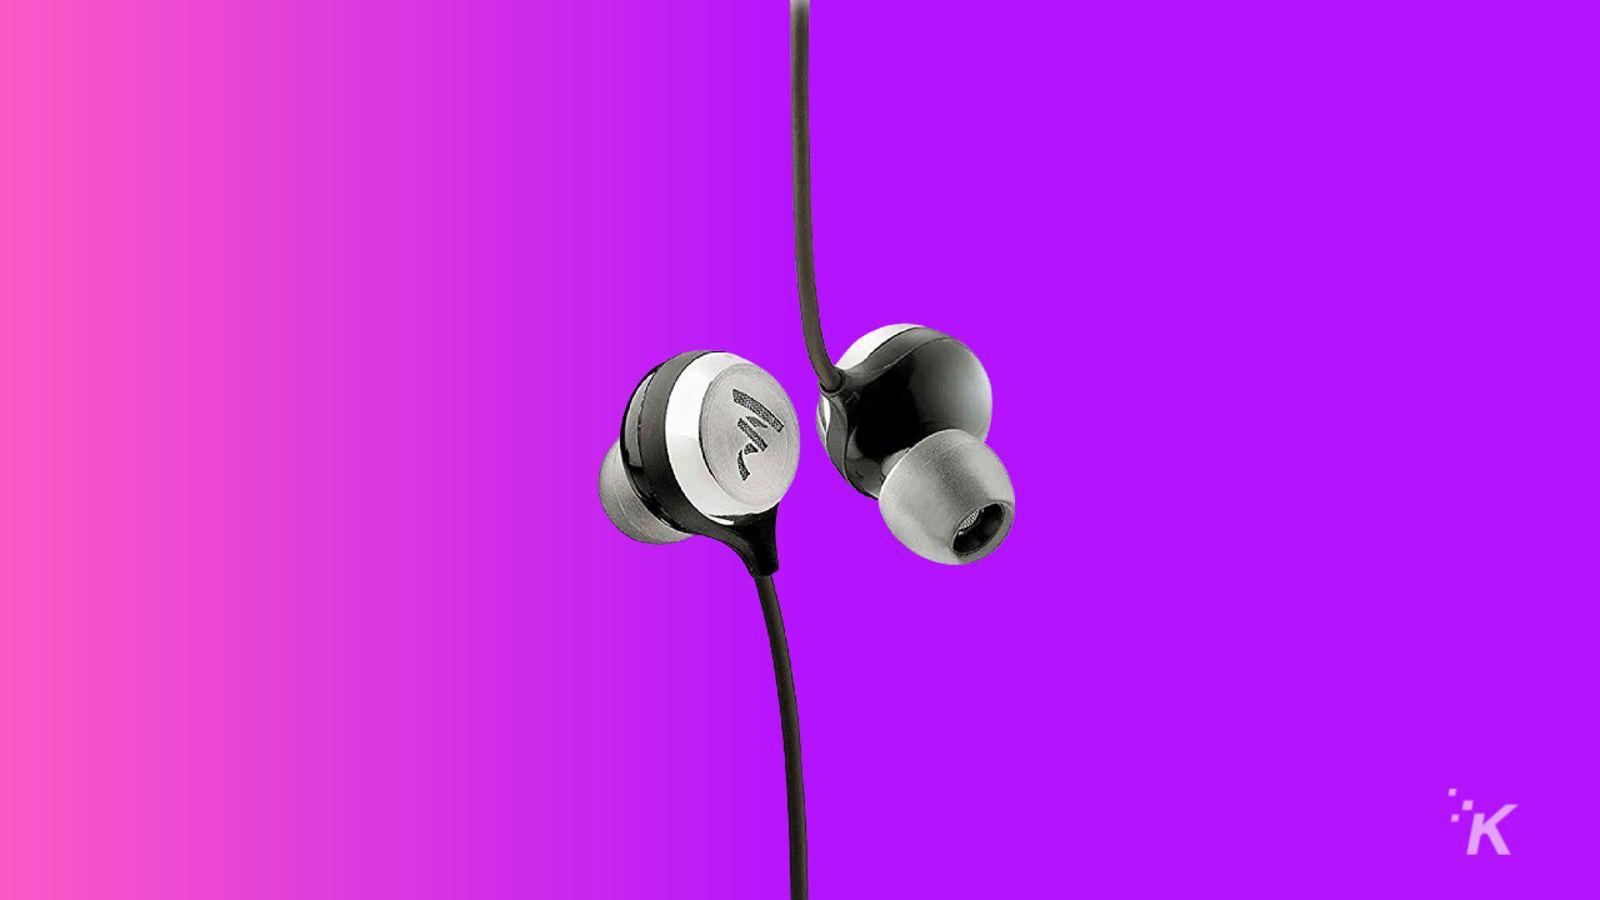 focal sphear s best gaming earbuds